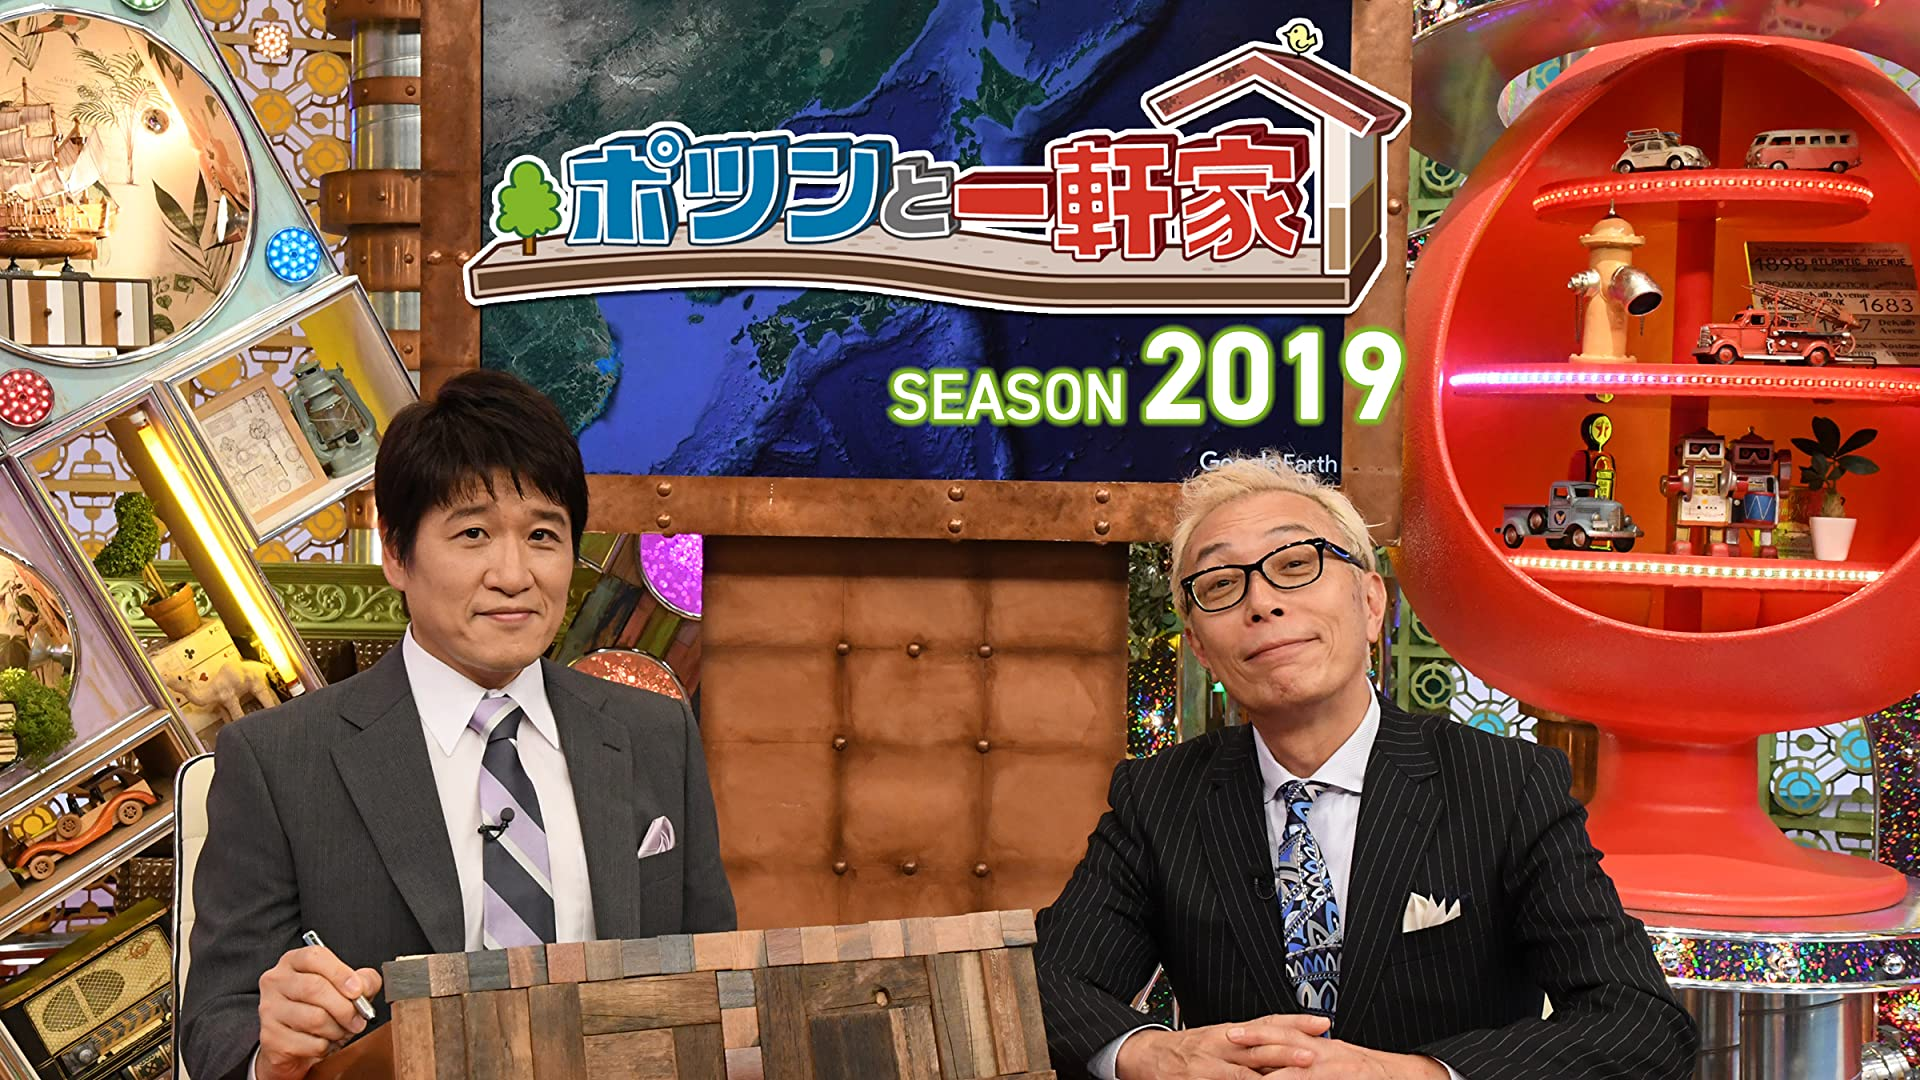 <長崎県・五島列島にあるポツンと一軒家><和歌山県にあるポツンと一軒家><熊本県にあるポツンと一軒家>